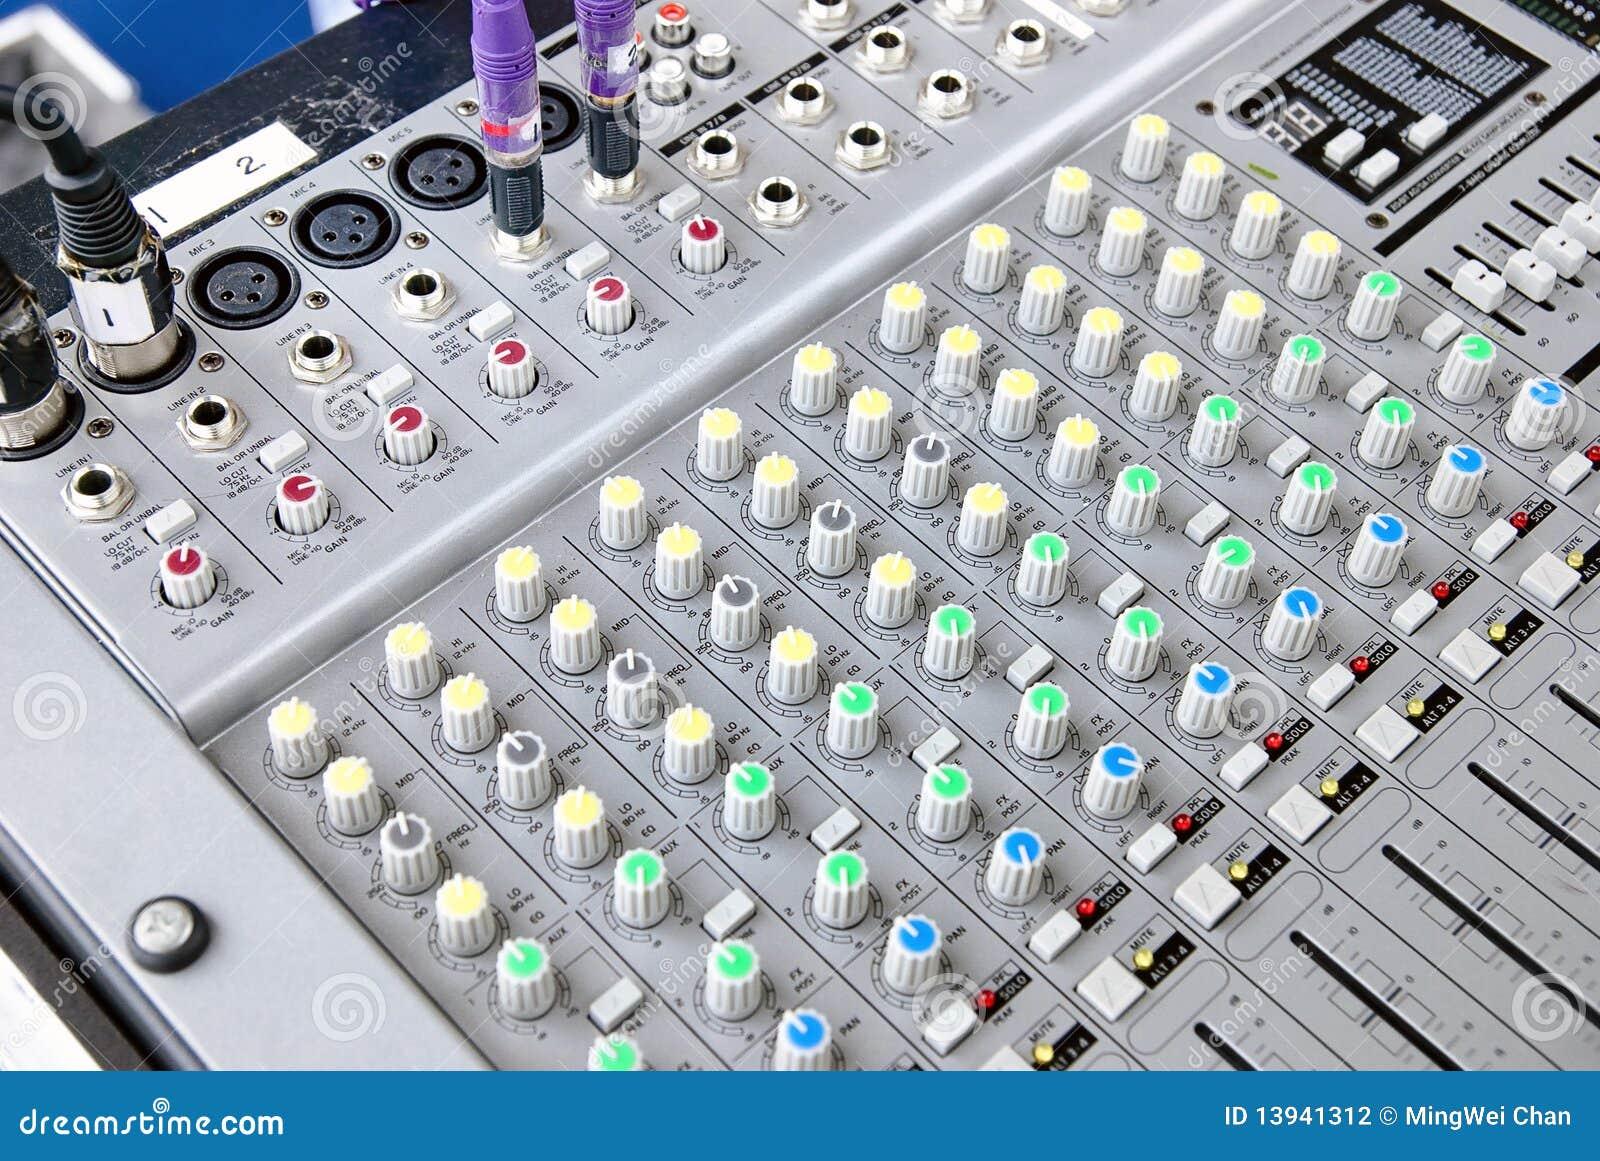 Consola del sistema de sonido